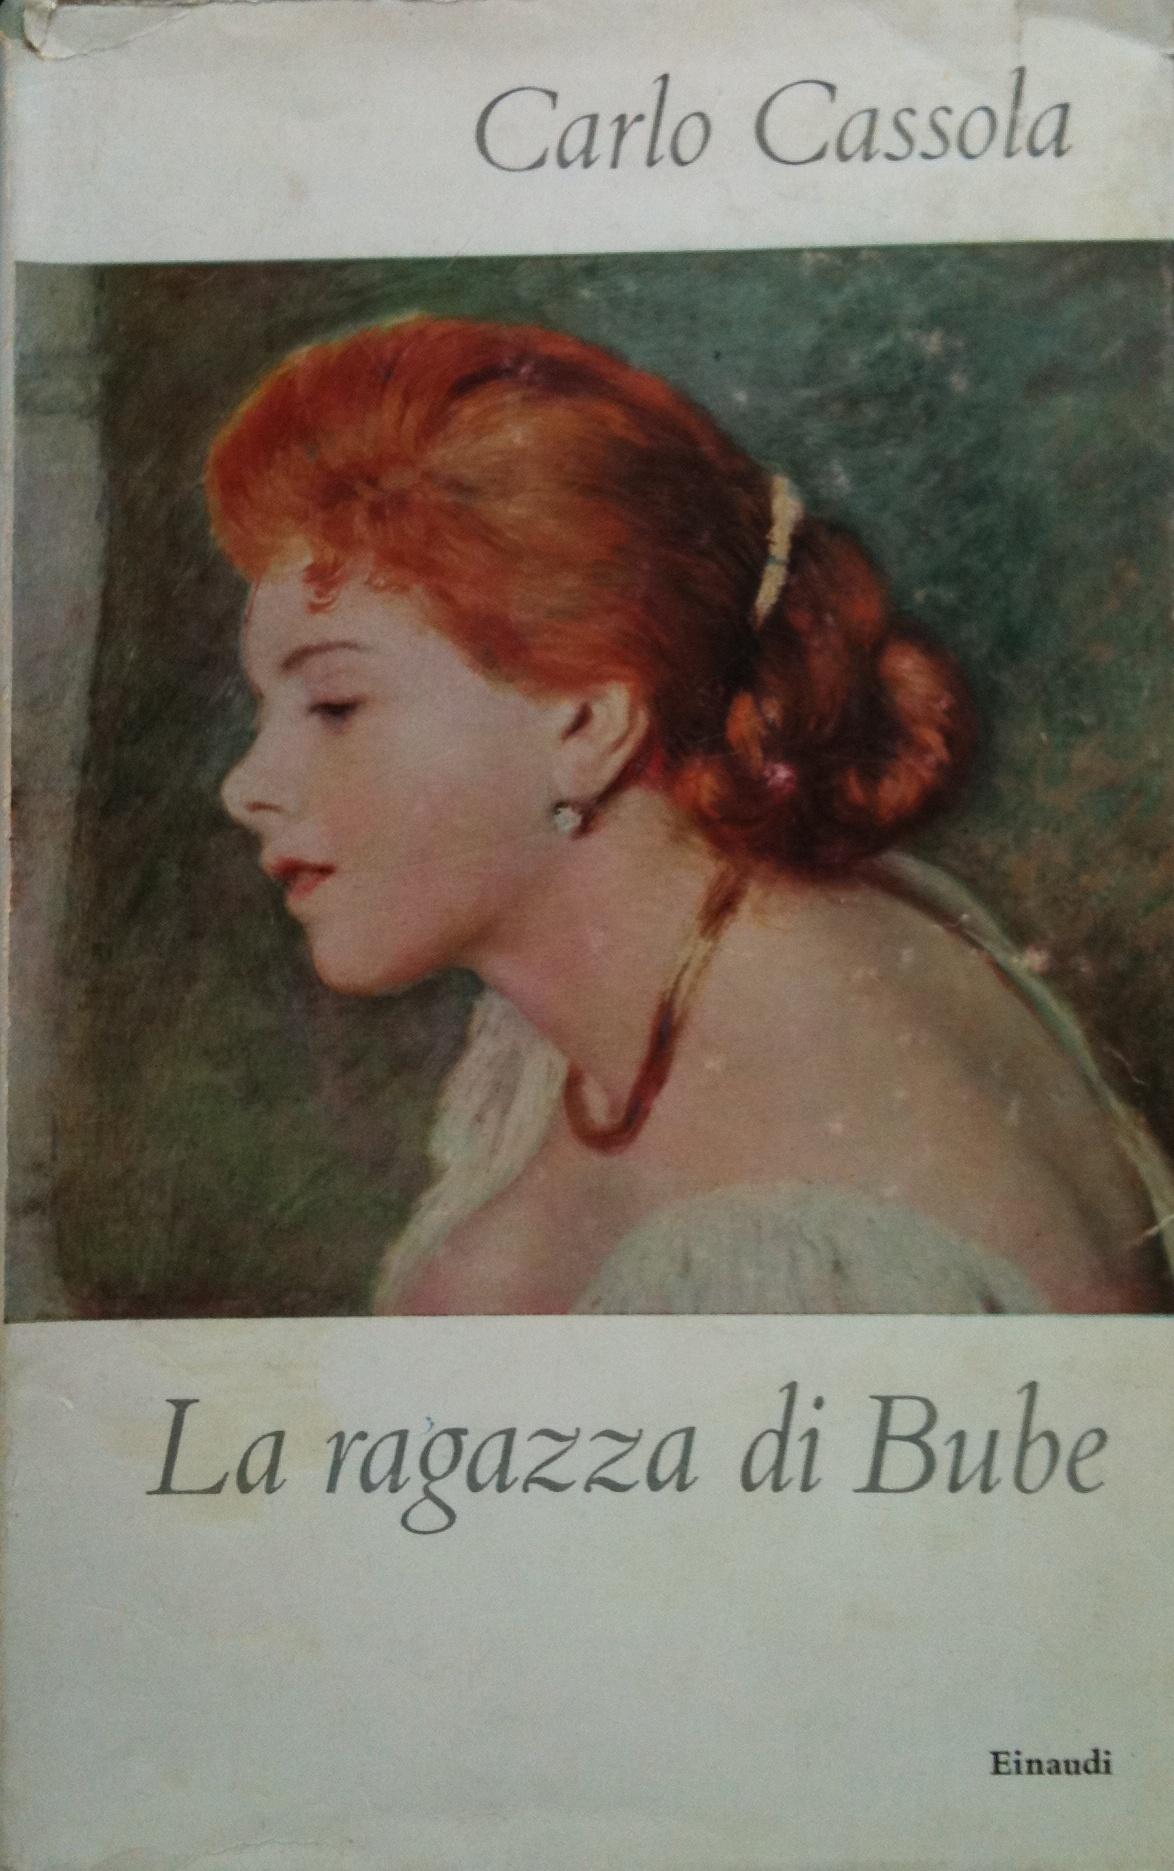 La ragazza di Bube